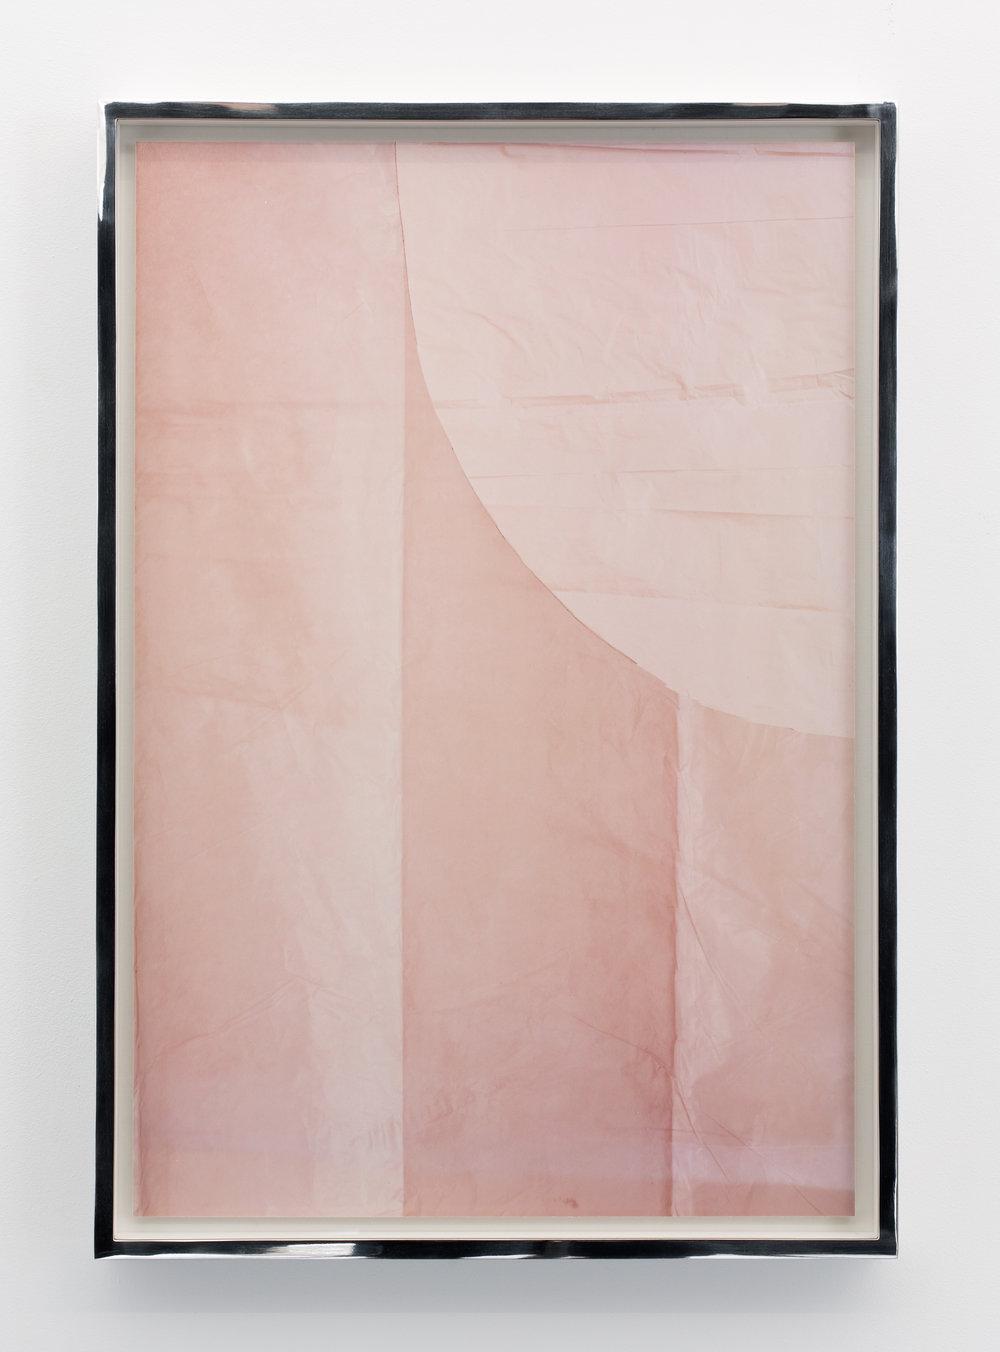 Bianca Brunner, Veil (pink), 2017 © Bianca Brunner, Courtesy of Galerie BolteLang